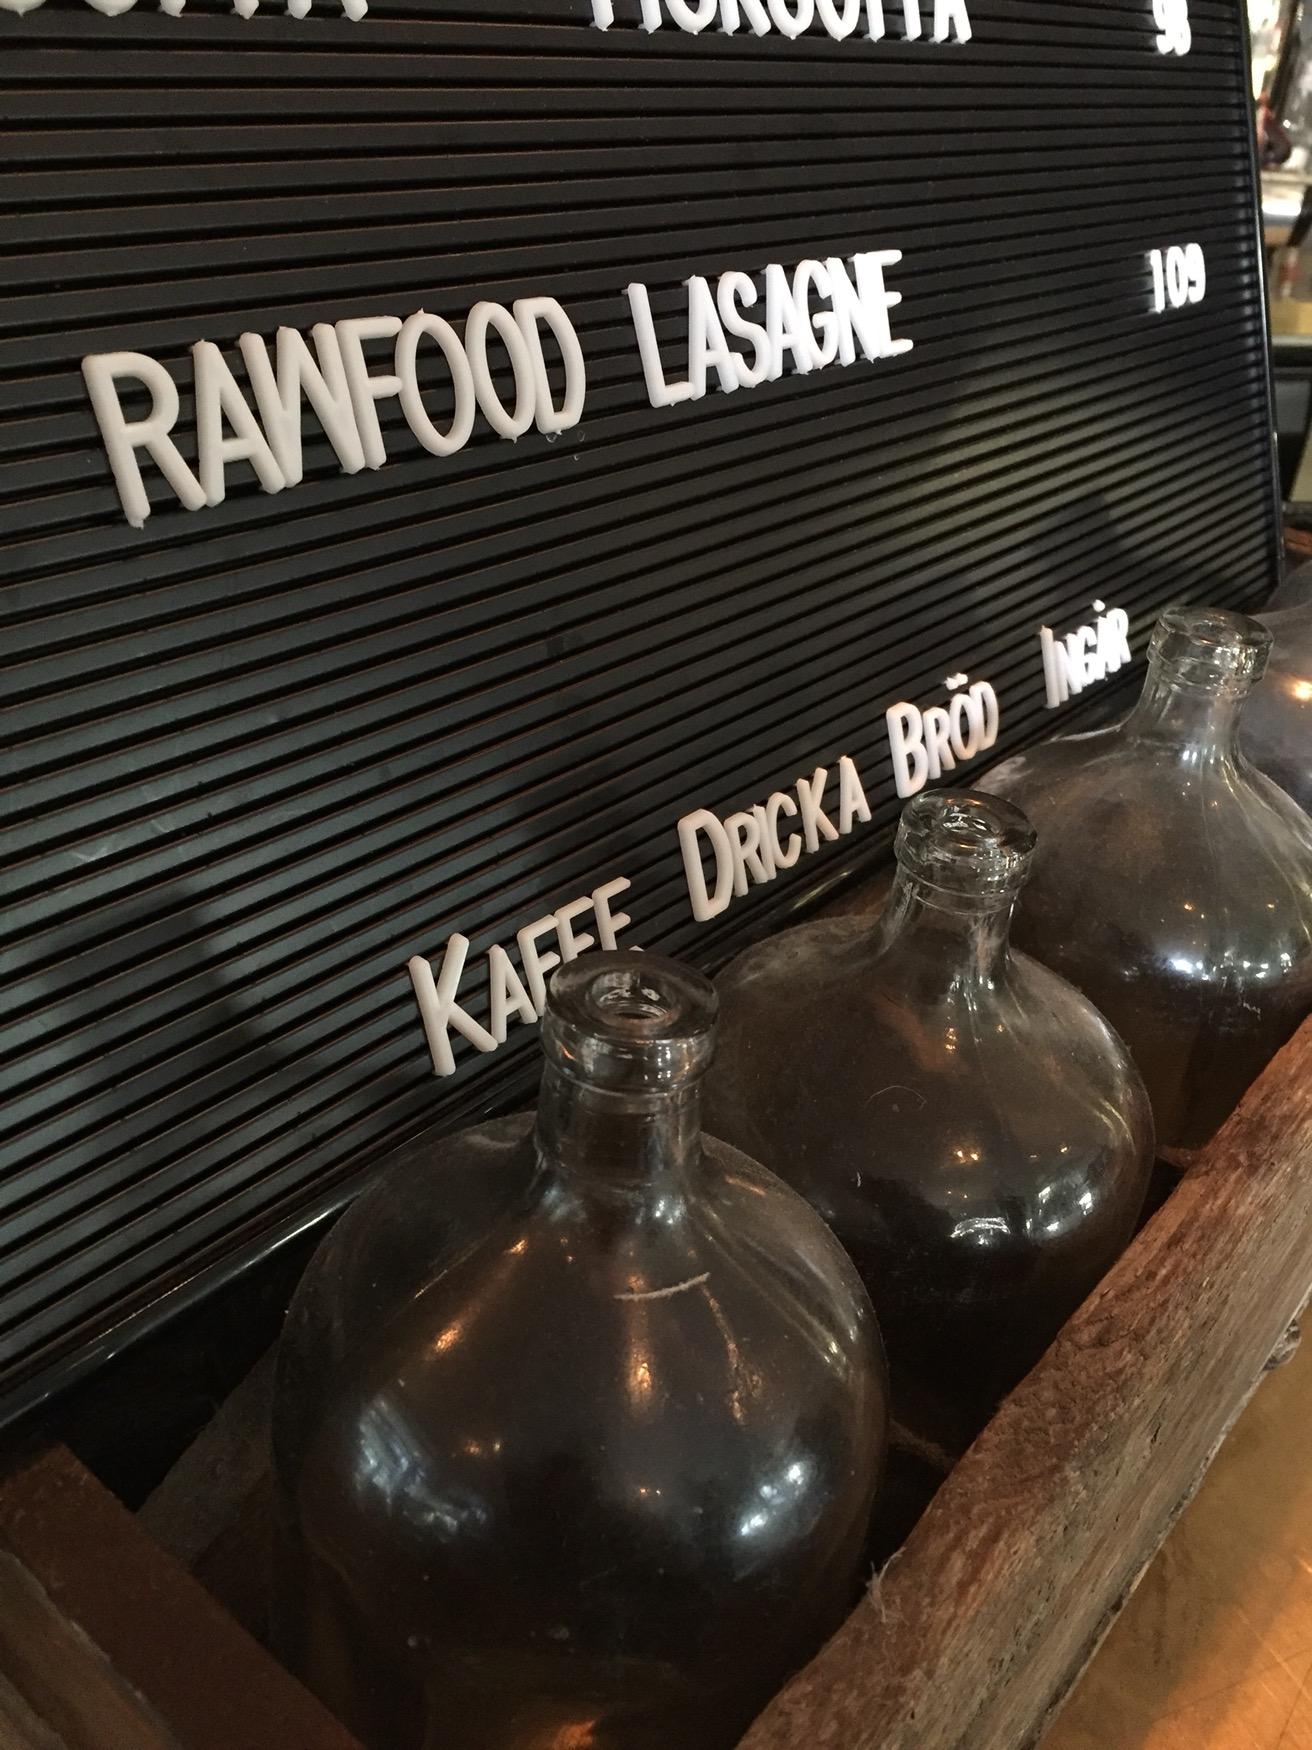 Rawfood lasagne Viskan